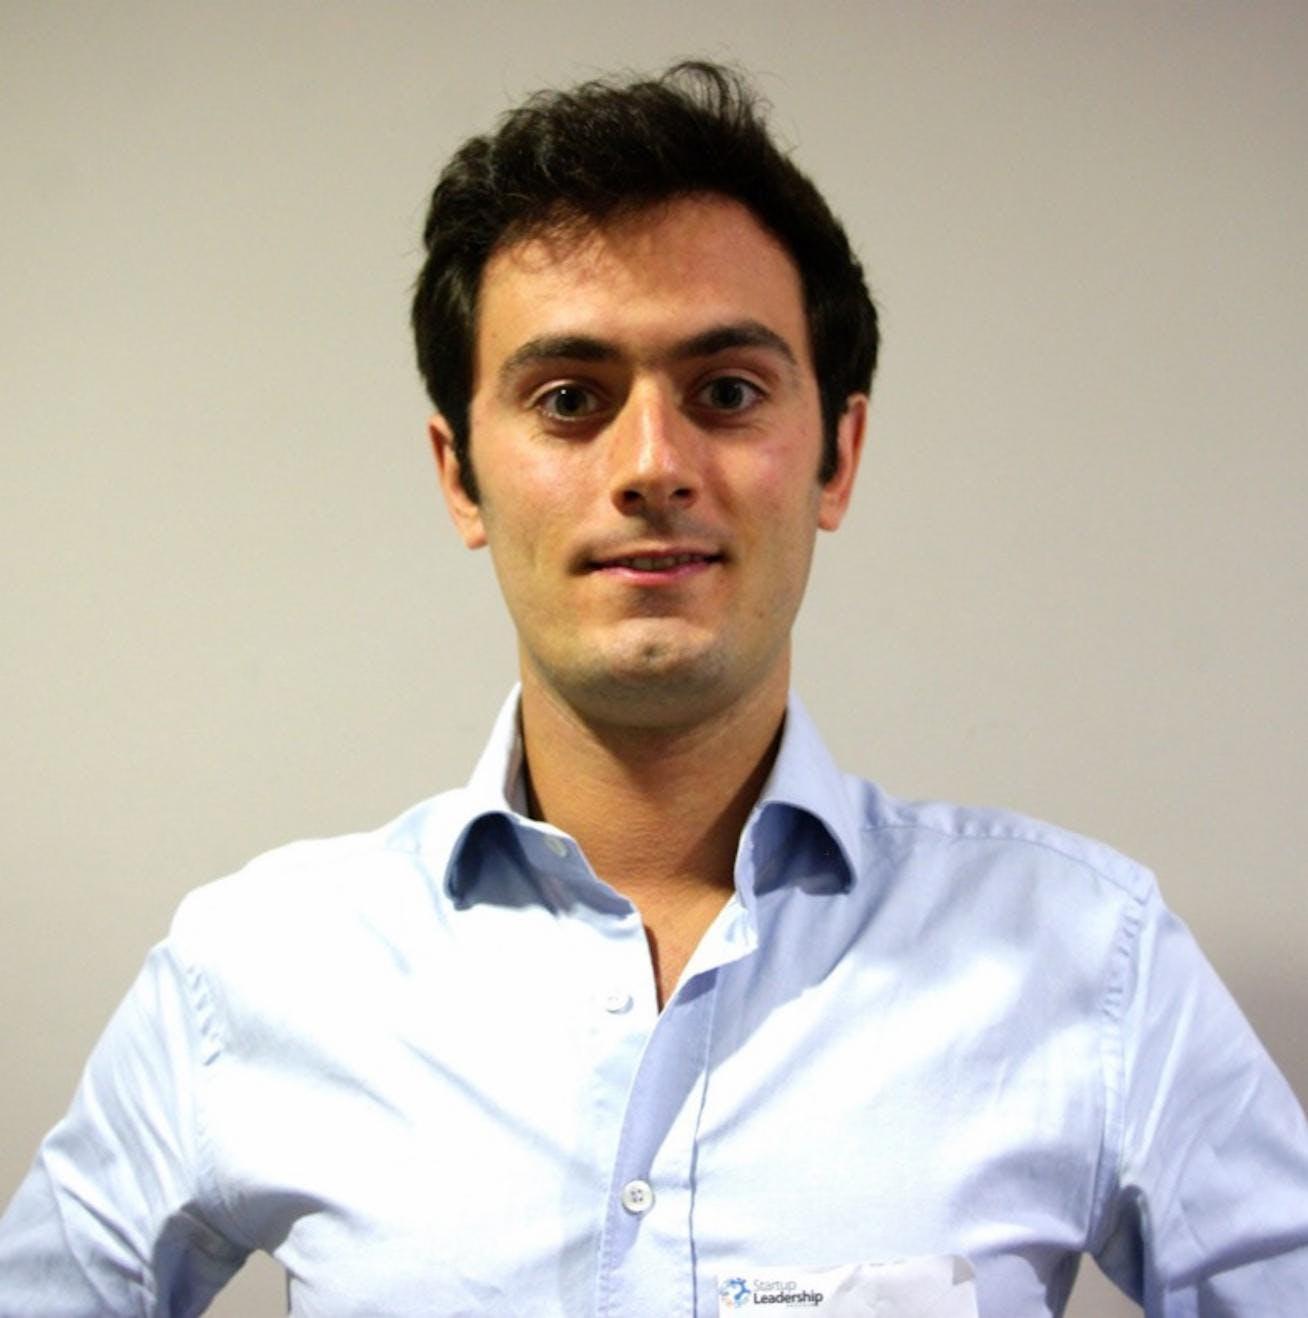 Sébastien Worms, CEO